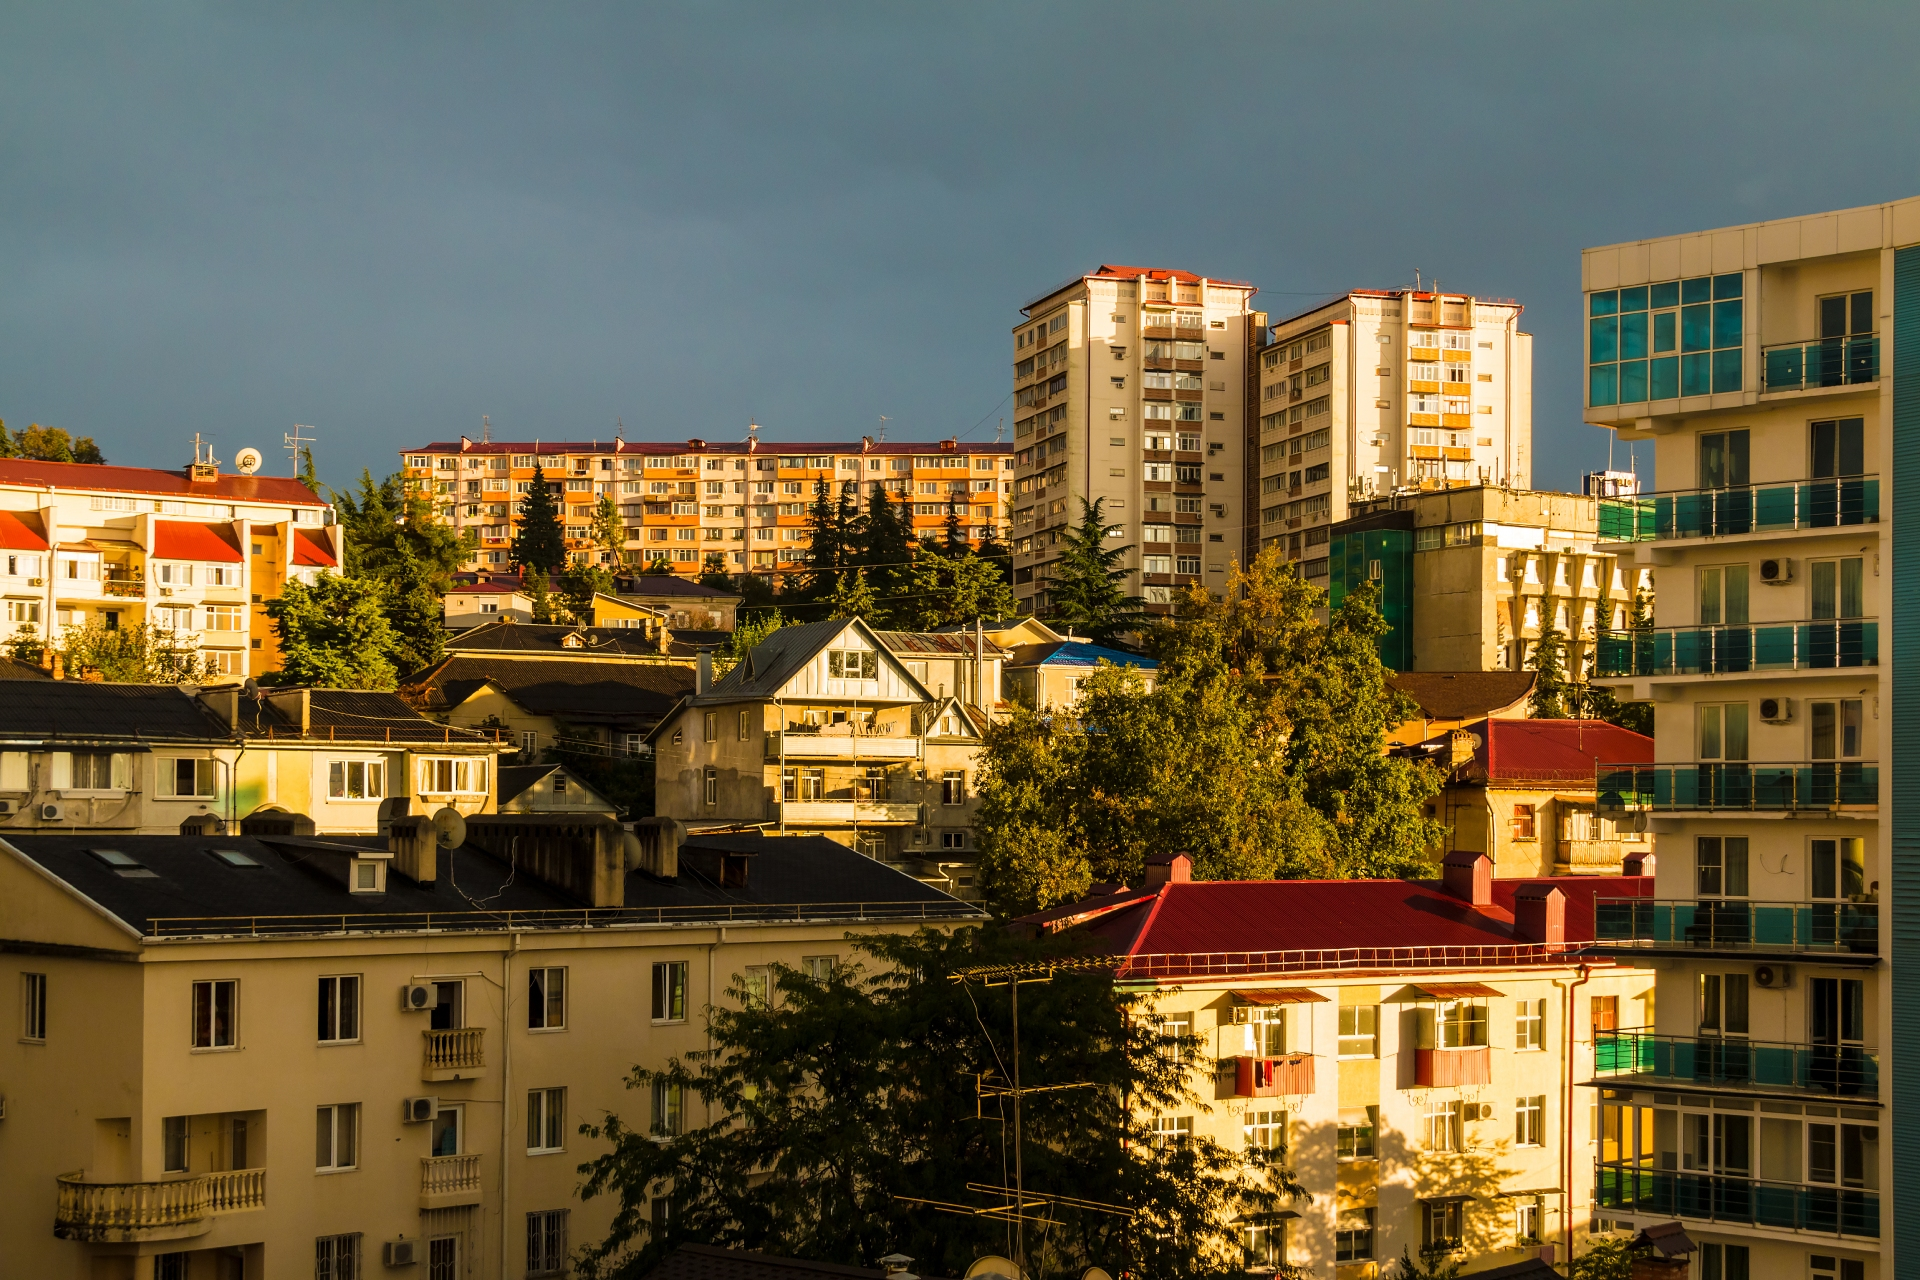 Жилая застройка в Сочи. В 2020 году в городе-курорте отмечался «нереальный рост спроса» как на новостройки, так и на вторичное жилье